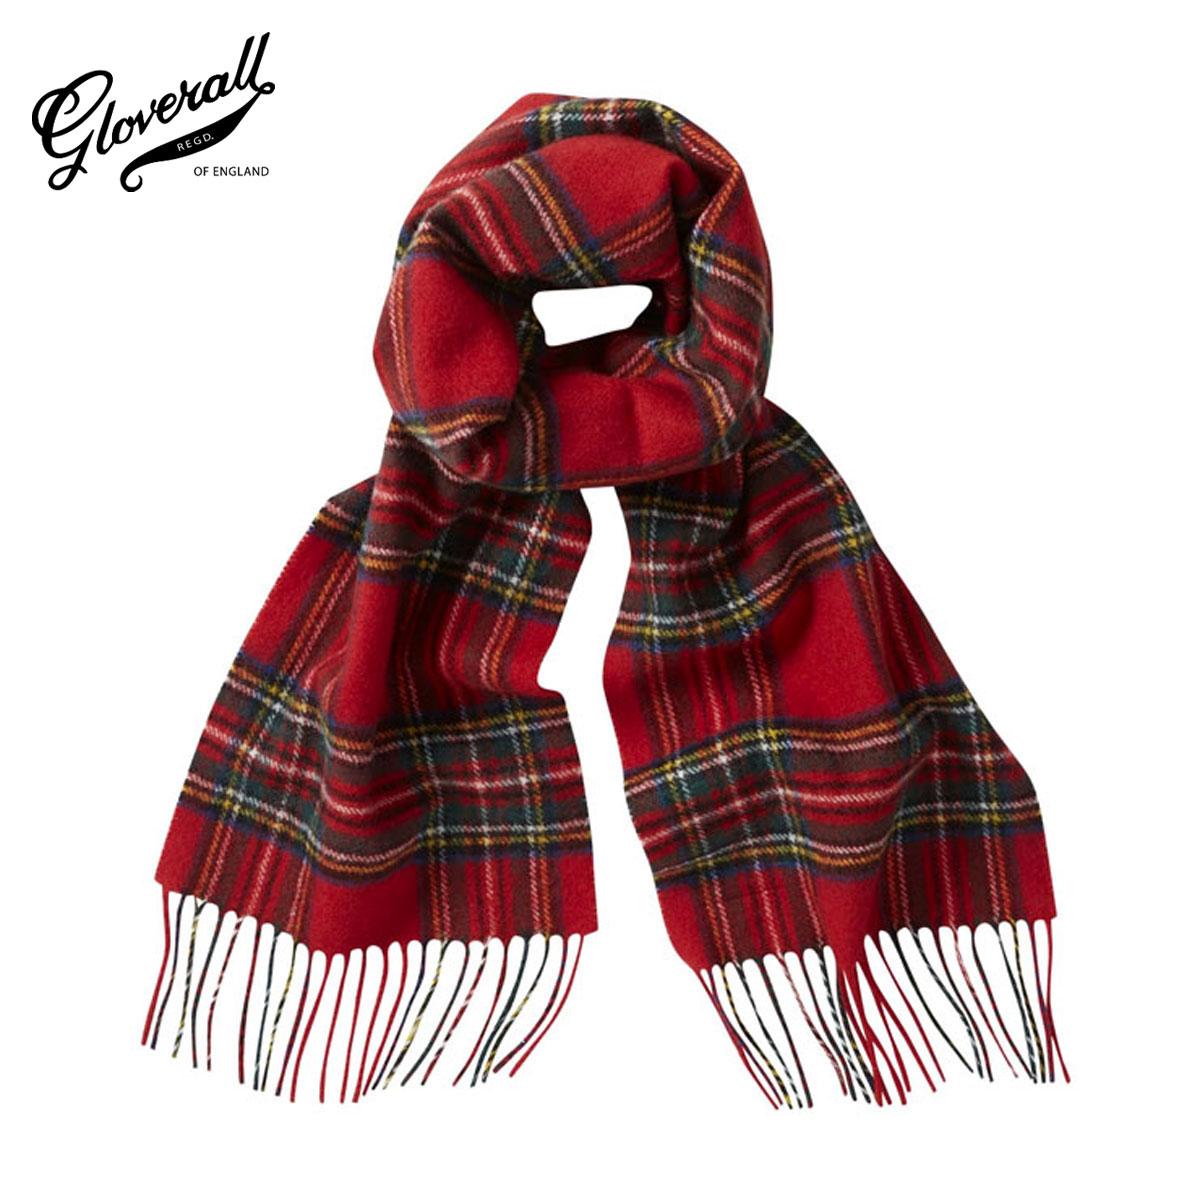 【販売期間 9/4 10:00~9/11 09:59】 グローバーオール GLOVERALL 正規販売店 メンズ スカーフ GLOVERALL×LOCHCARRON SCARF U0018 Royal Stewart D15S25 敬老の日 プレゼント